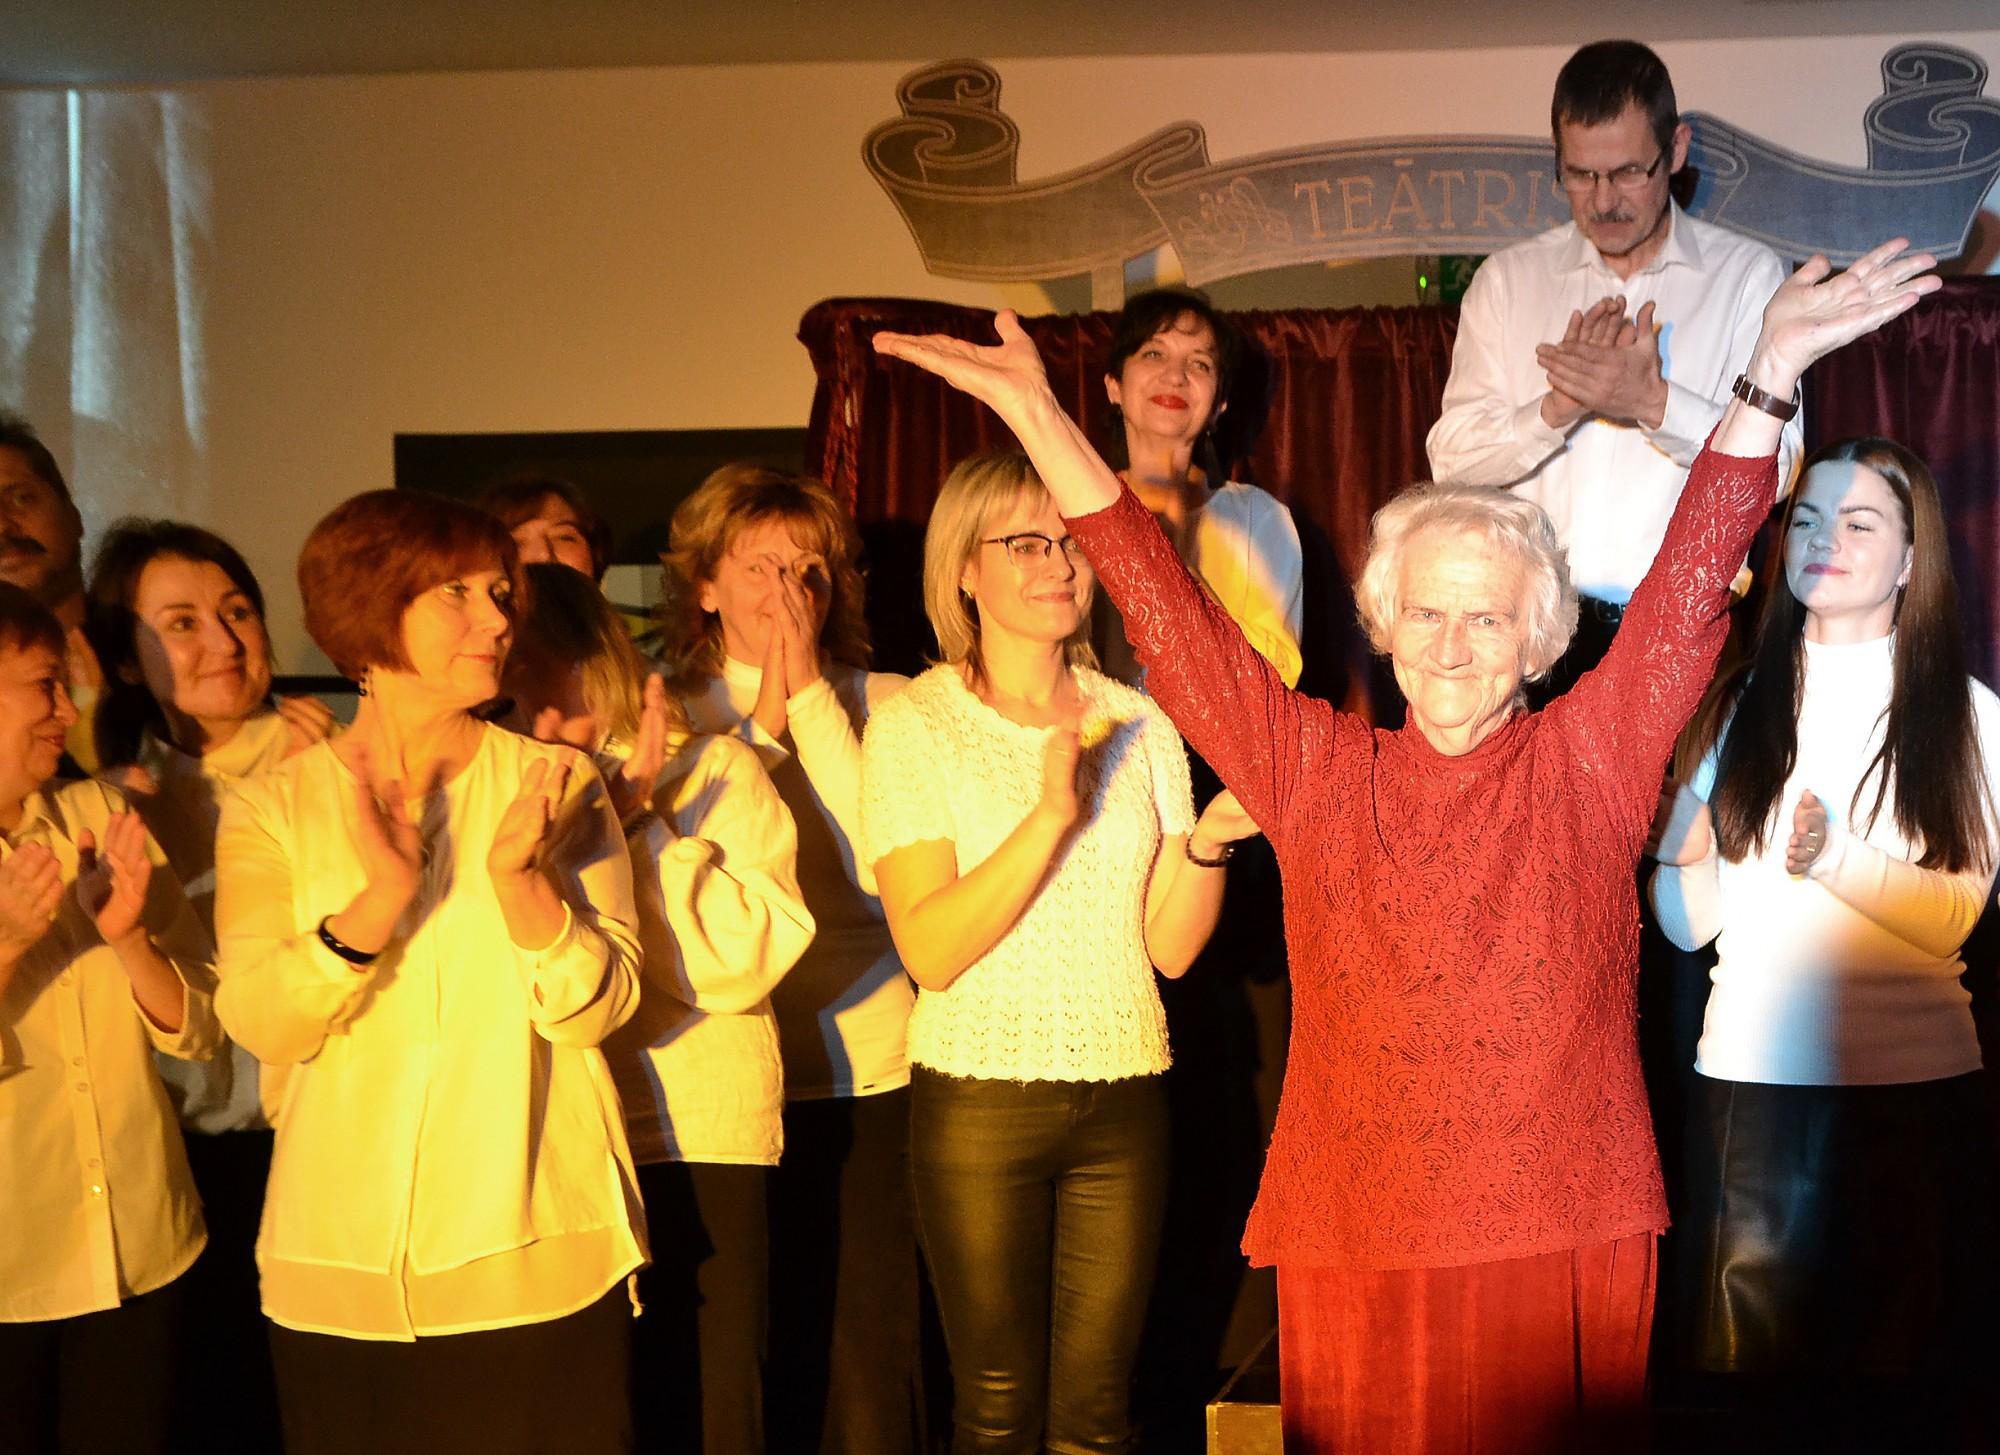 Bērnu teātra 50 gadu jubilejā pieaugušie atceras savas lomas